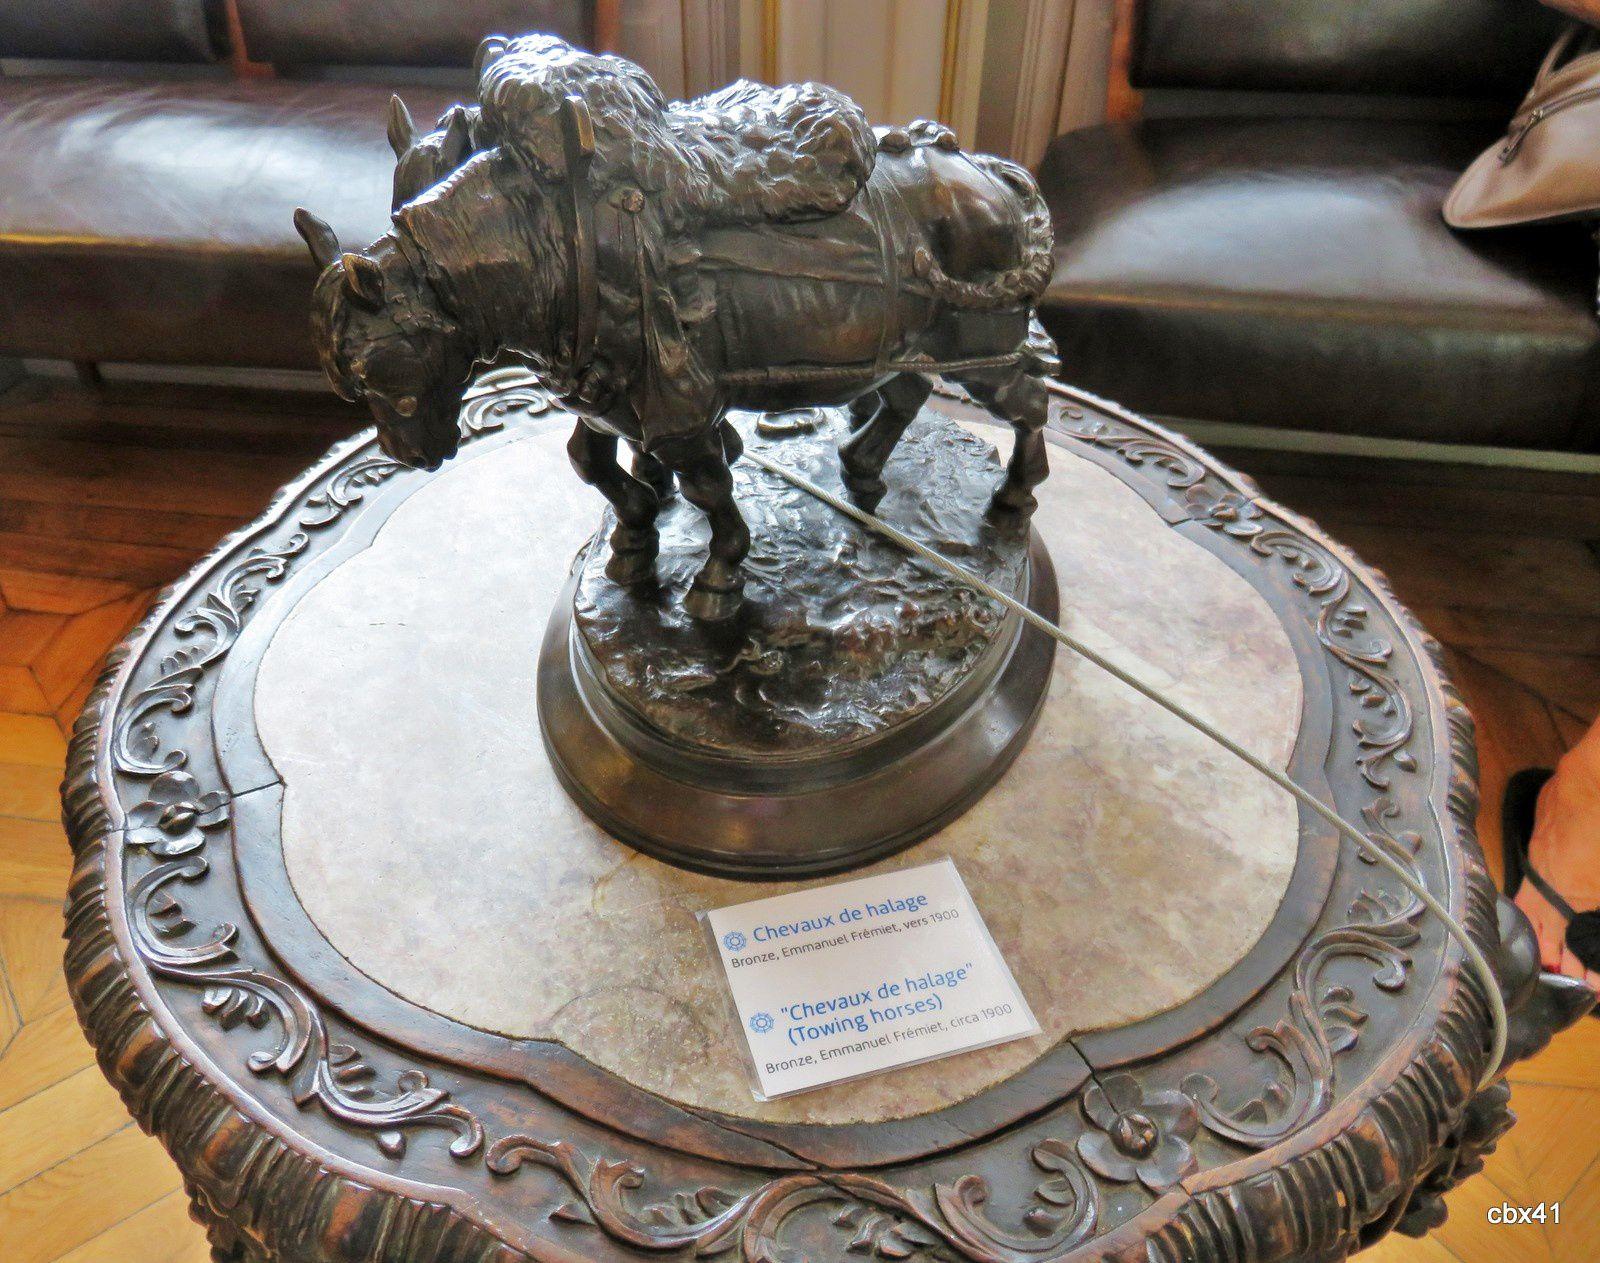 Les chevaux de halage, musée de la batellerie